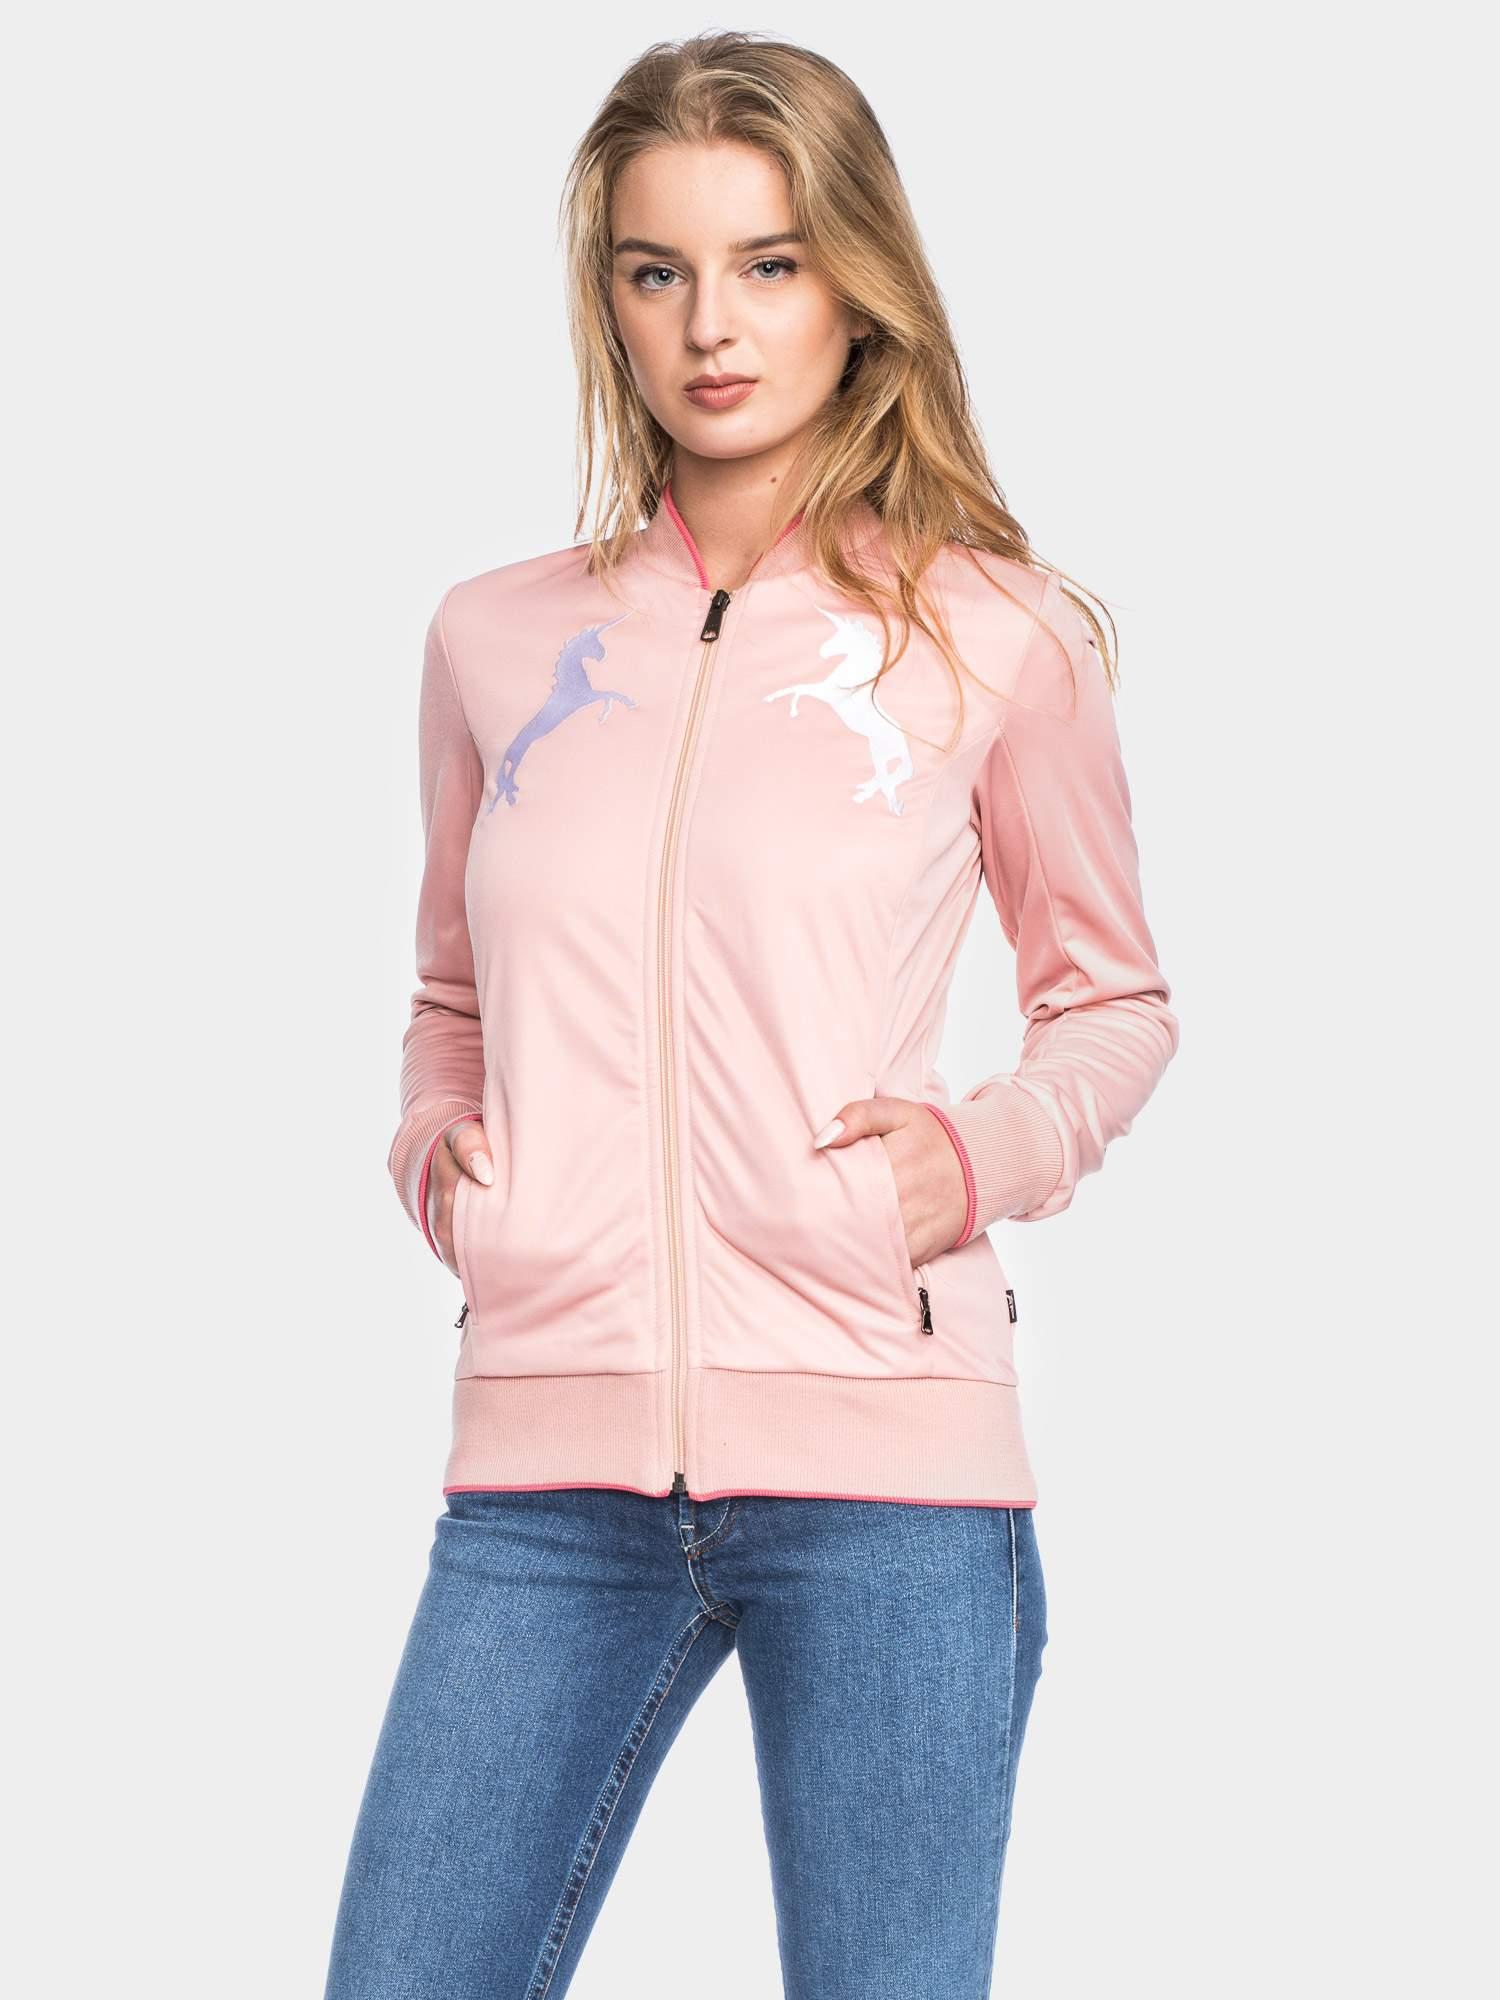 Pinke Trainingsjacke